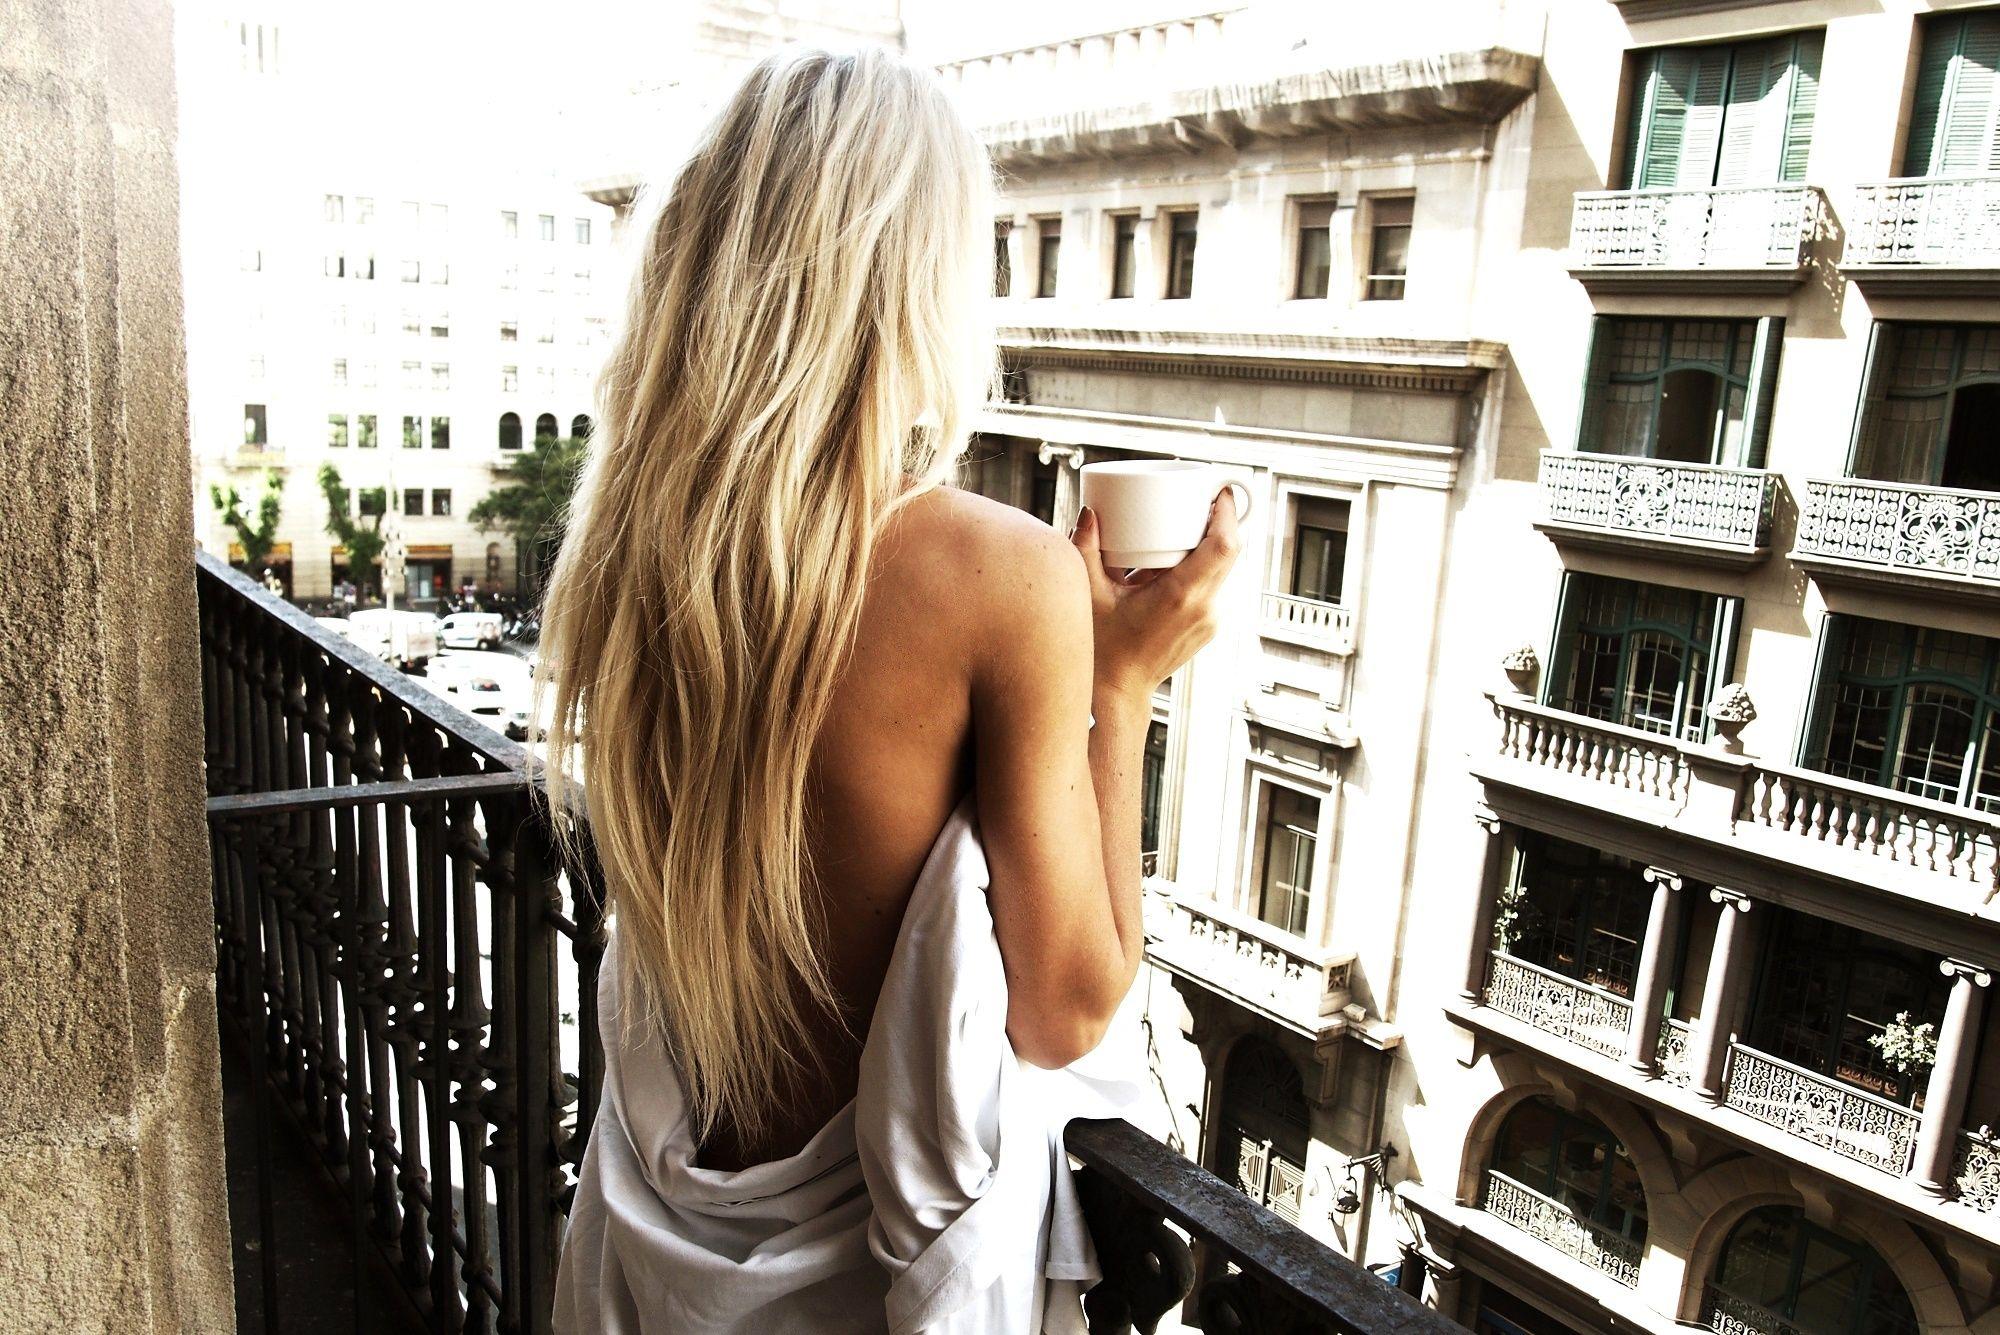 фото девушки сзади в красивом городе сами наперебой